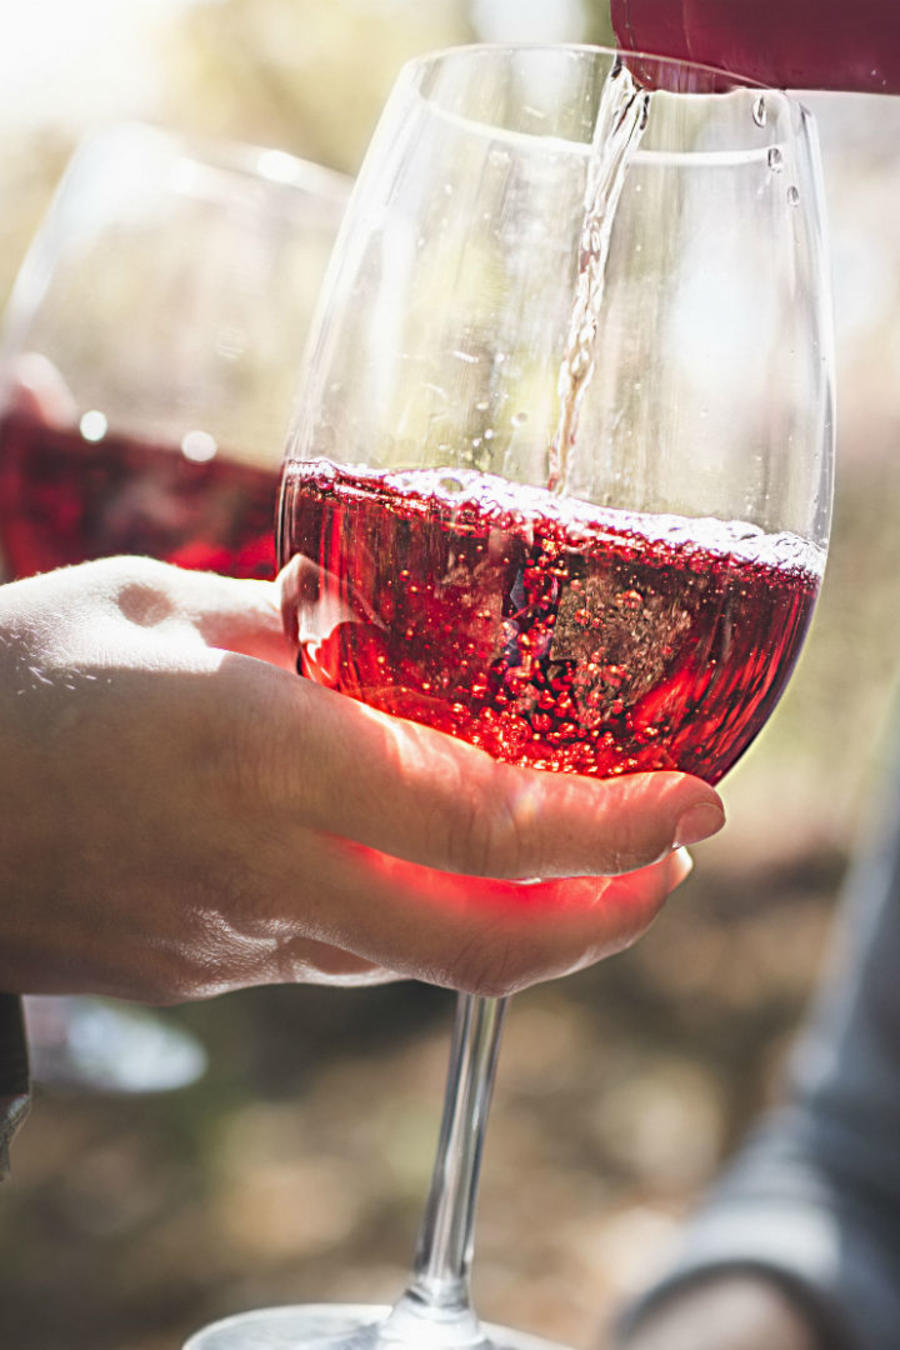 Copa llenándose con vino